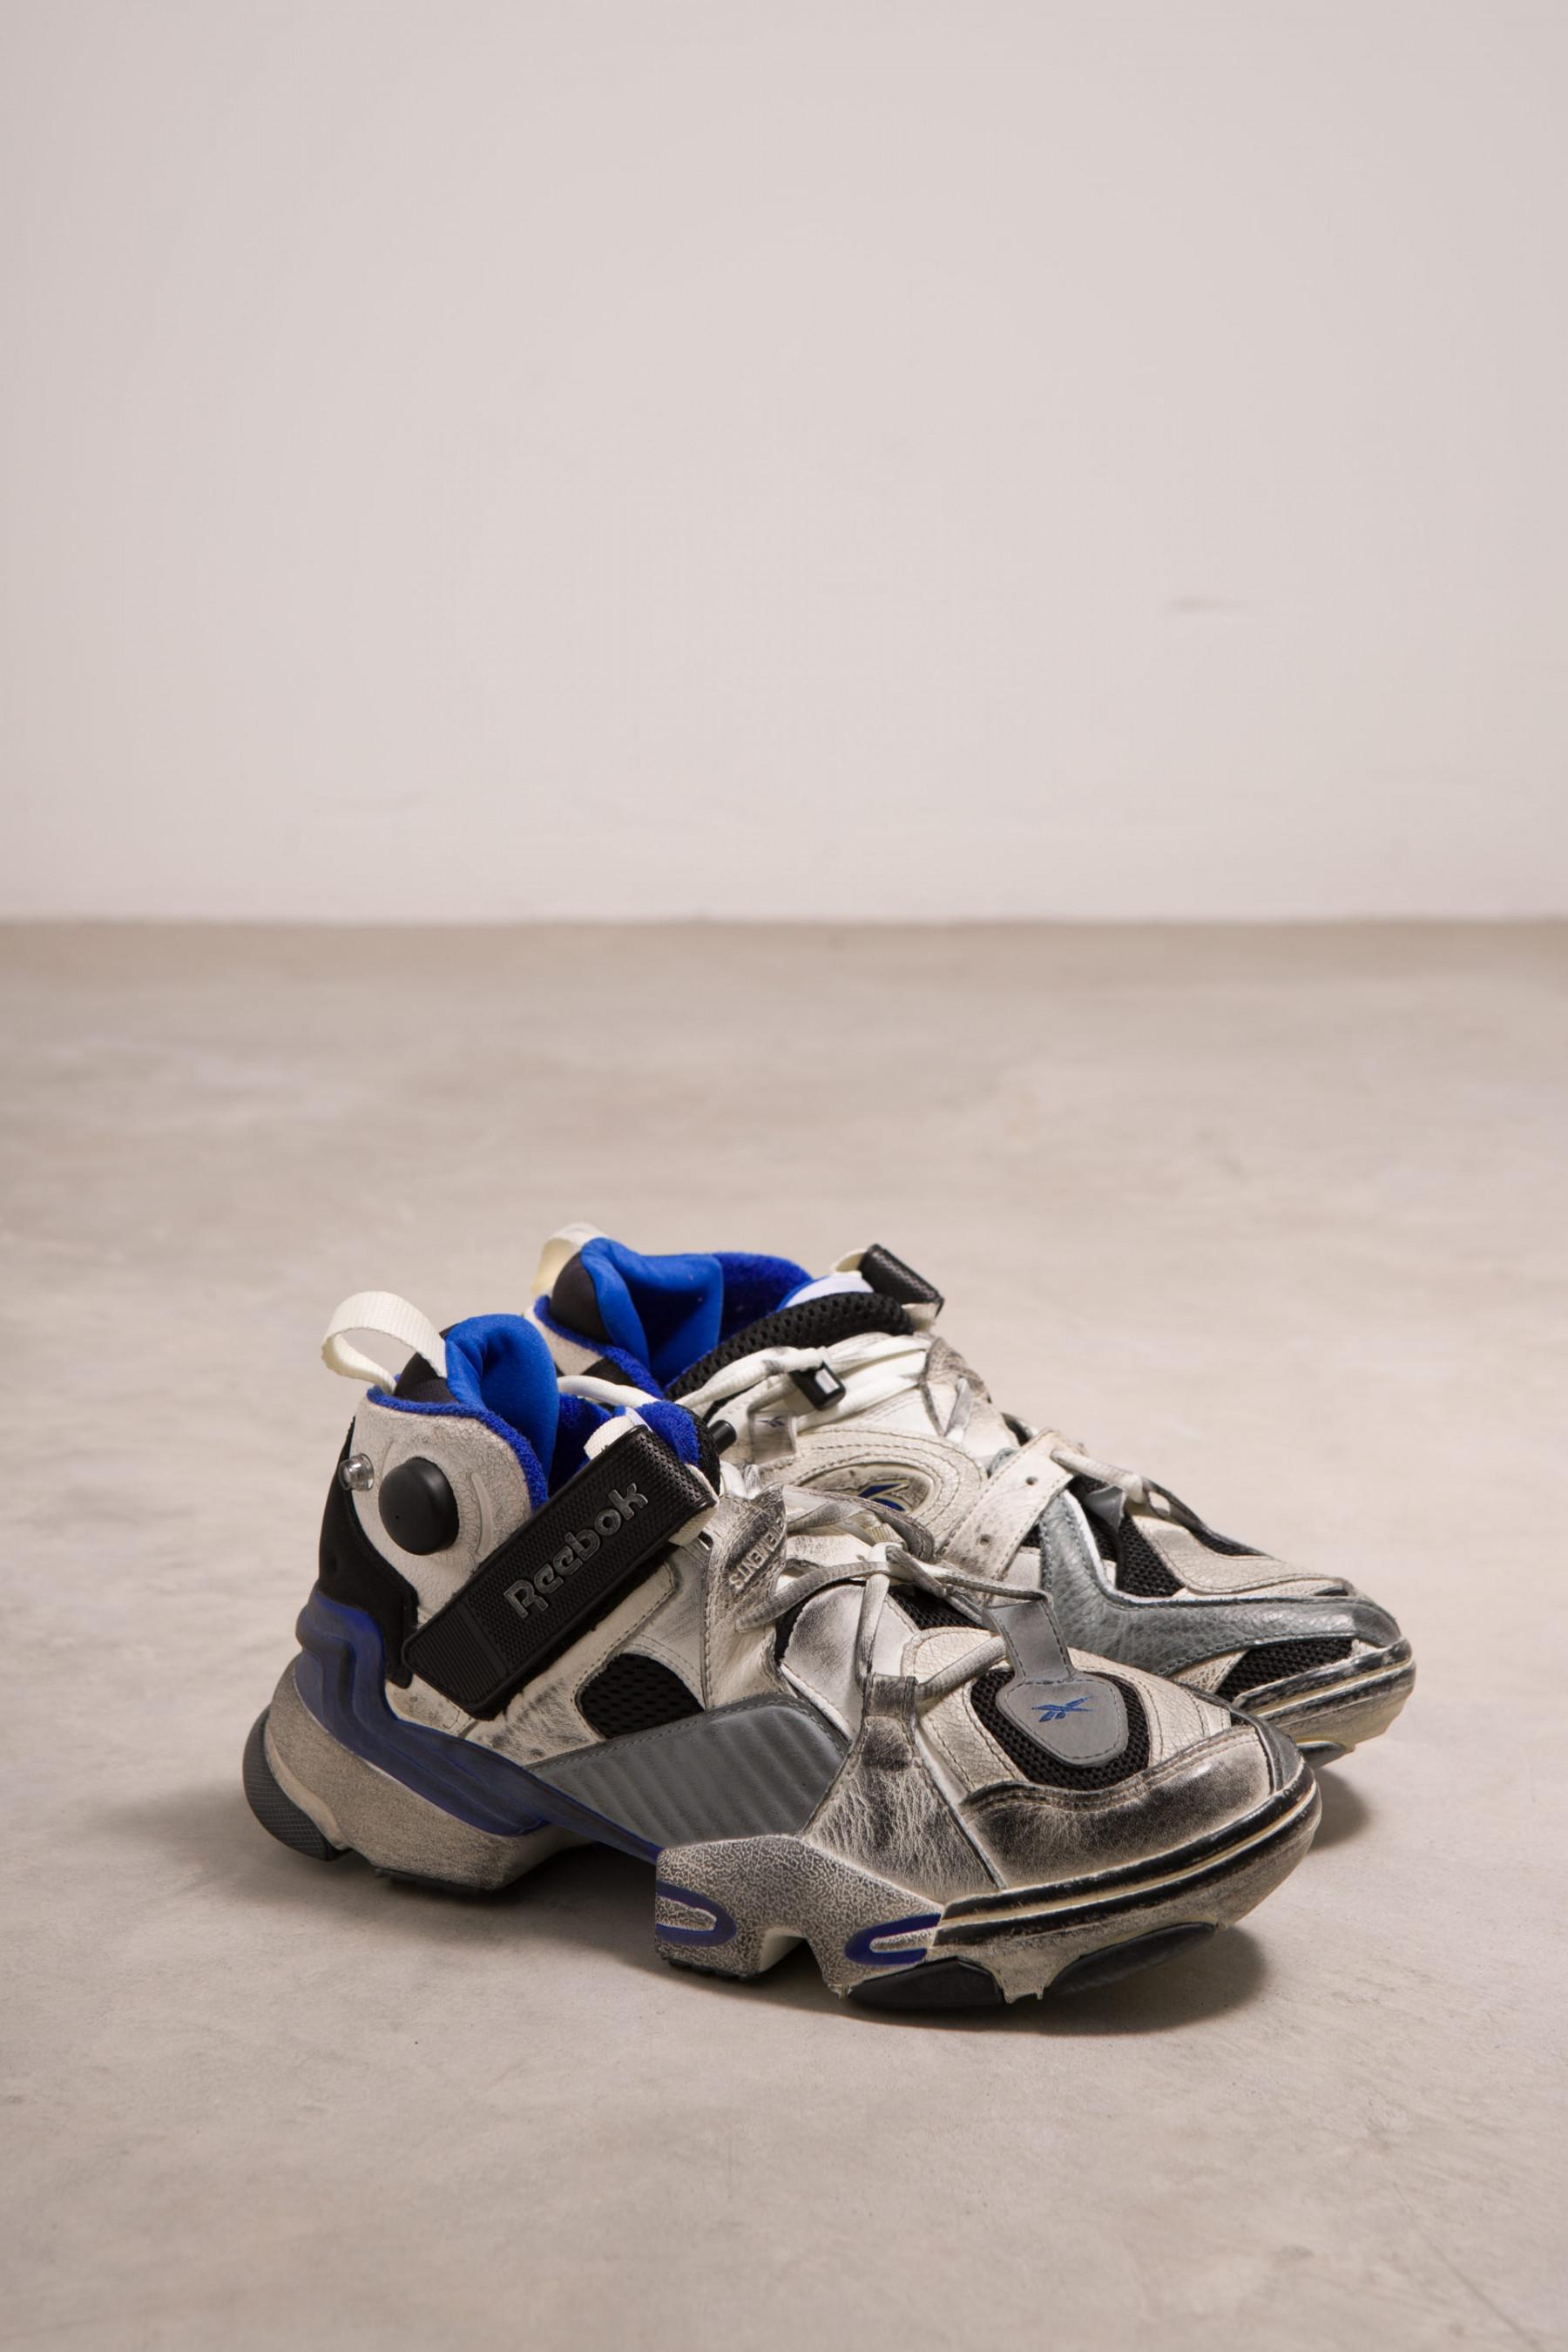 9162ba61b8fc Lyst - Vetements Reebok Genetically Modified Instapump Fury Sneaker ...